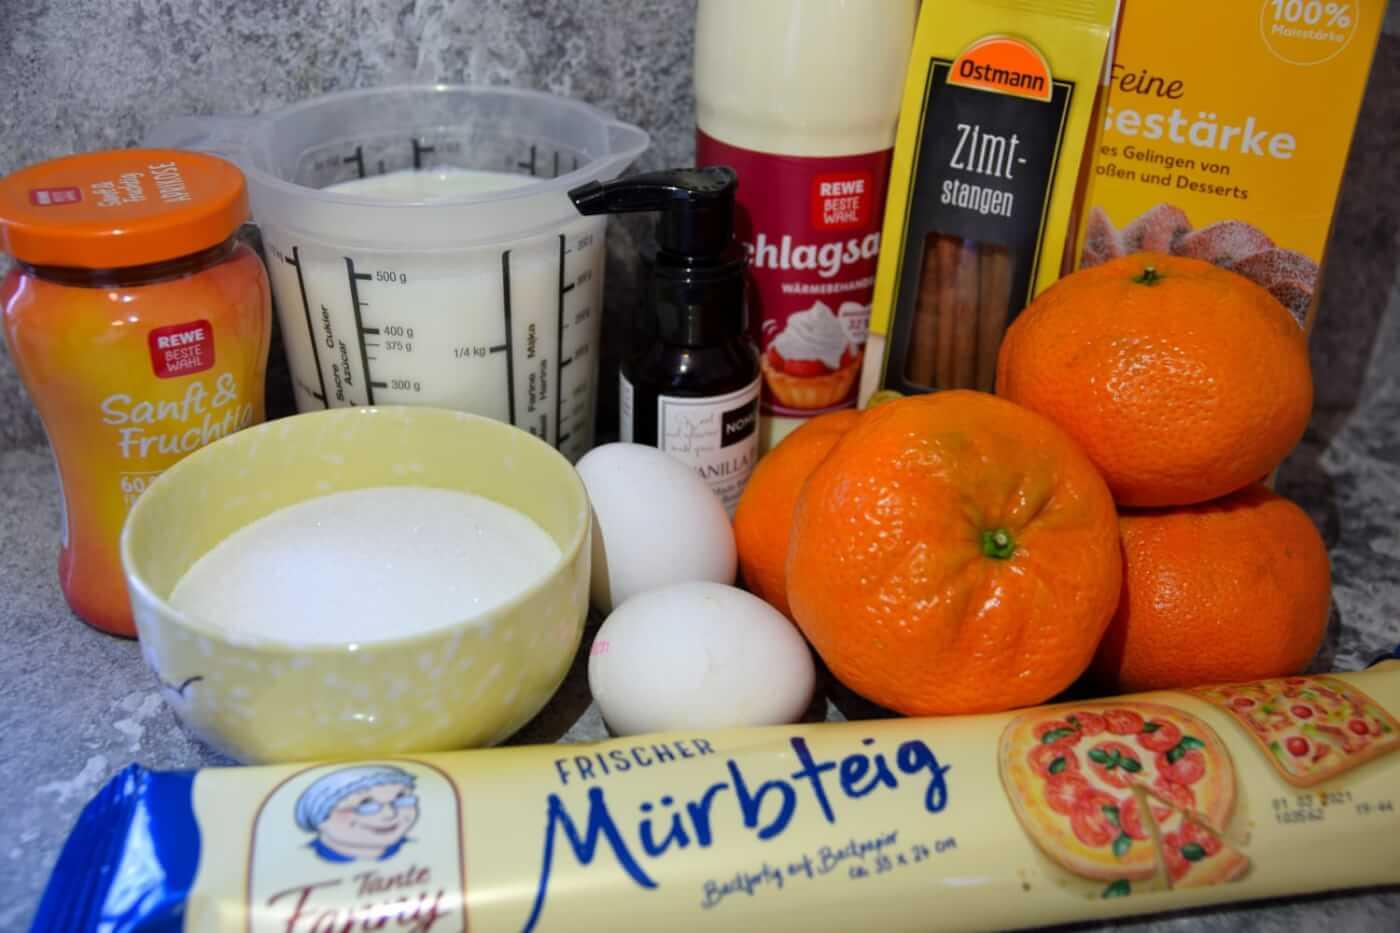 In einer Küche liegen alle für die Melktert benötigten Zutaten wie Mandarinen, Mürbeteig und Sahne